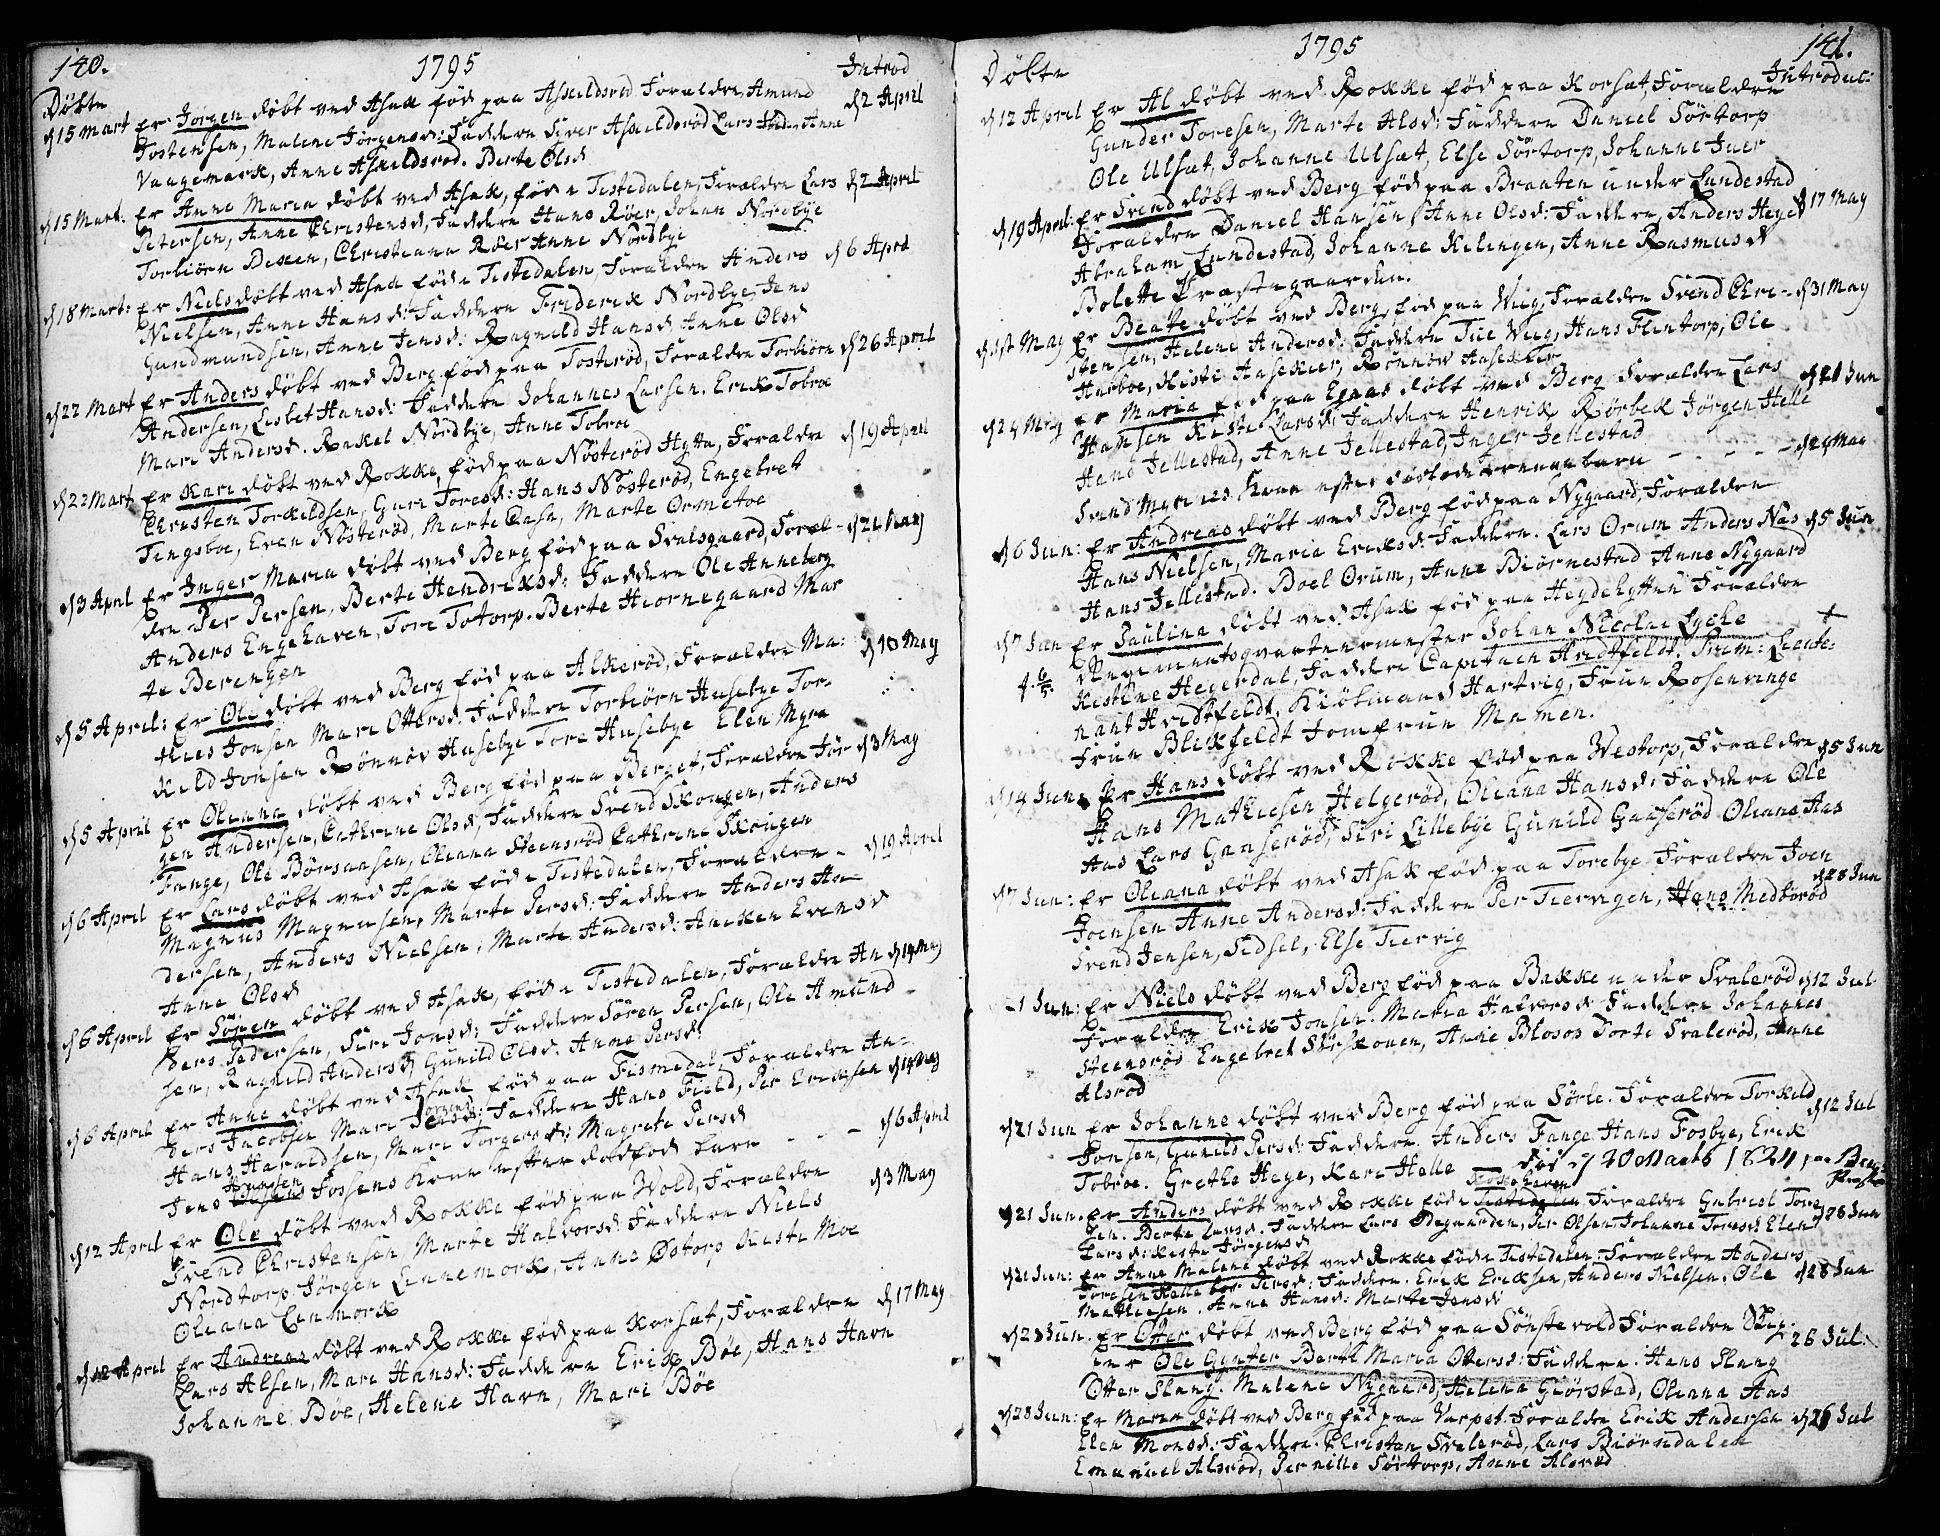 SAO, Berg prestekontor Kirkebøker, F/Fa/L0001: Ministerialbok nr. I 1, 1770-1814, s. 140-141